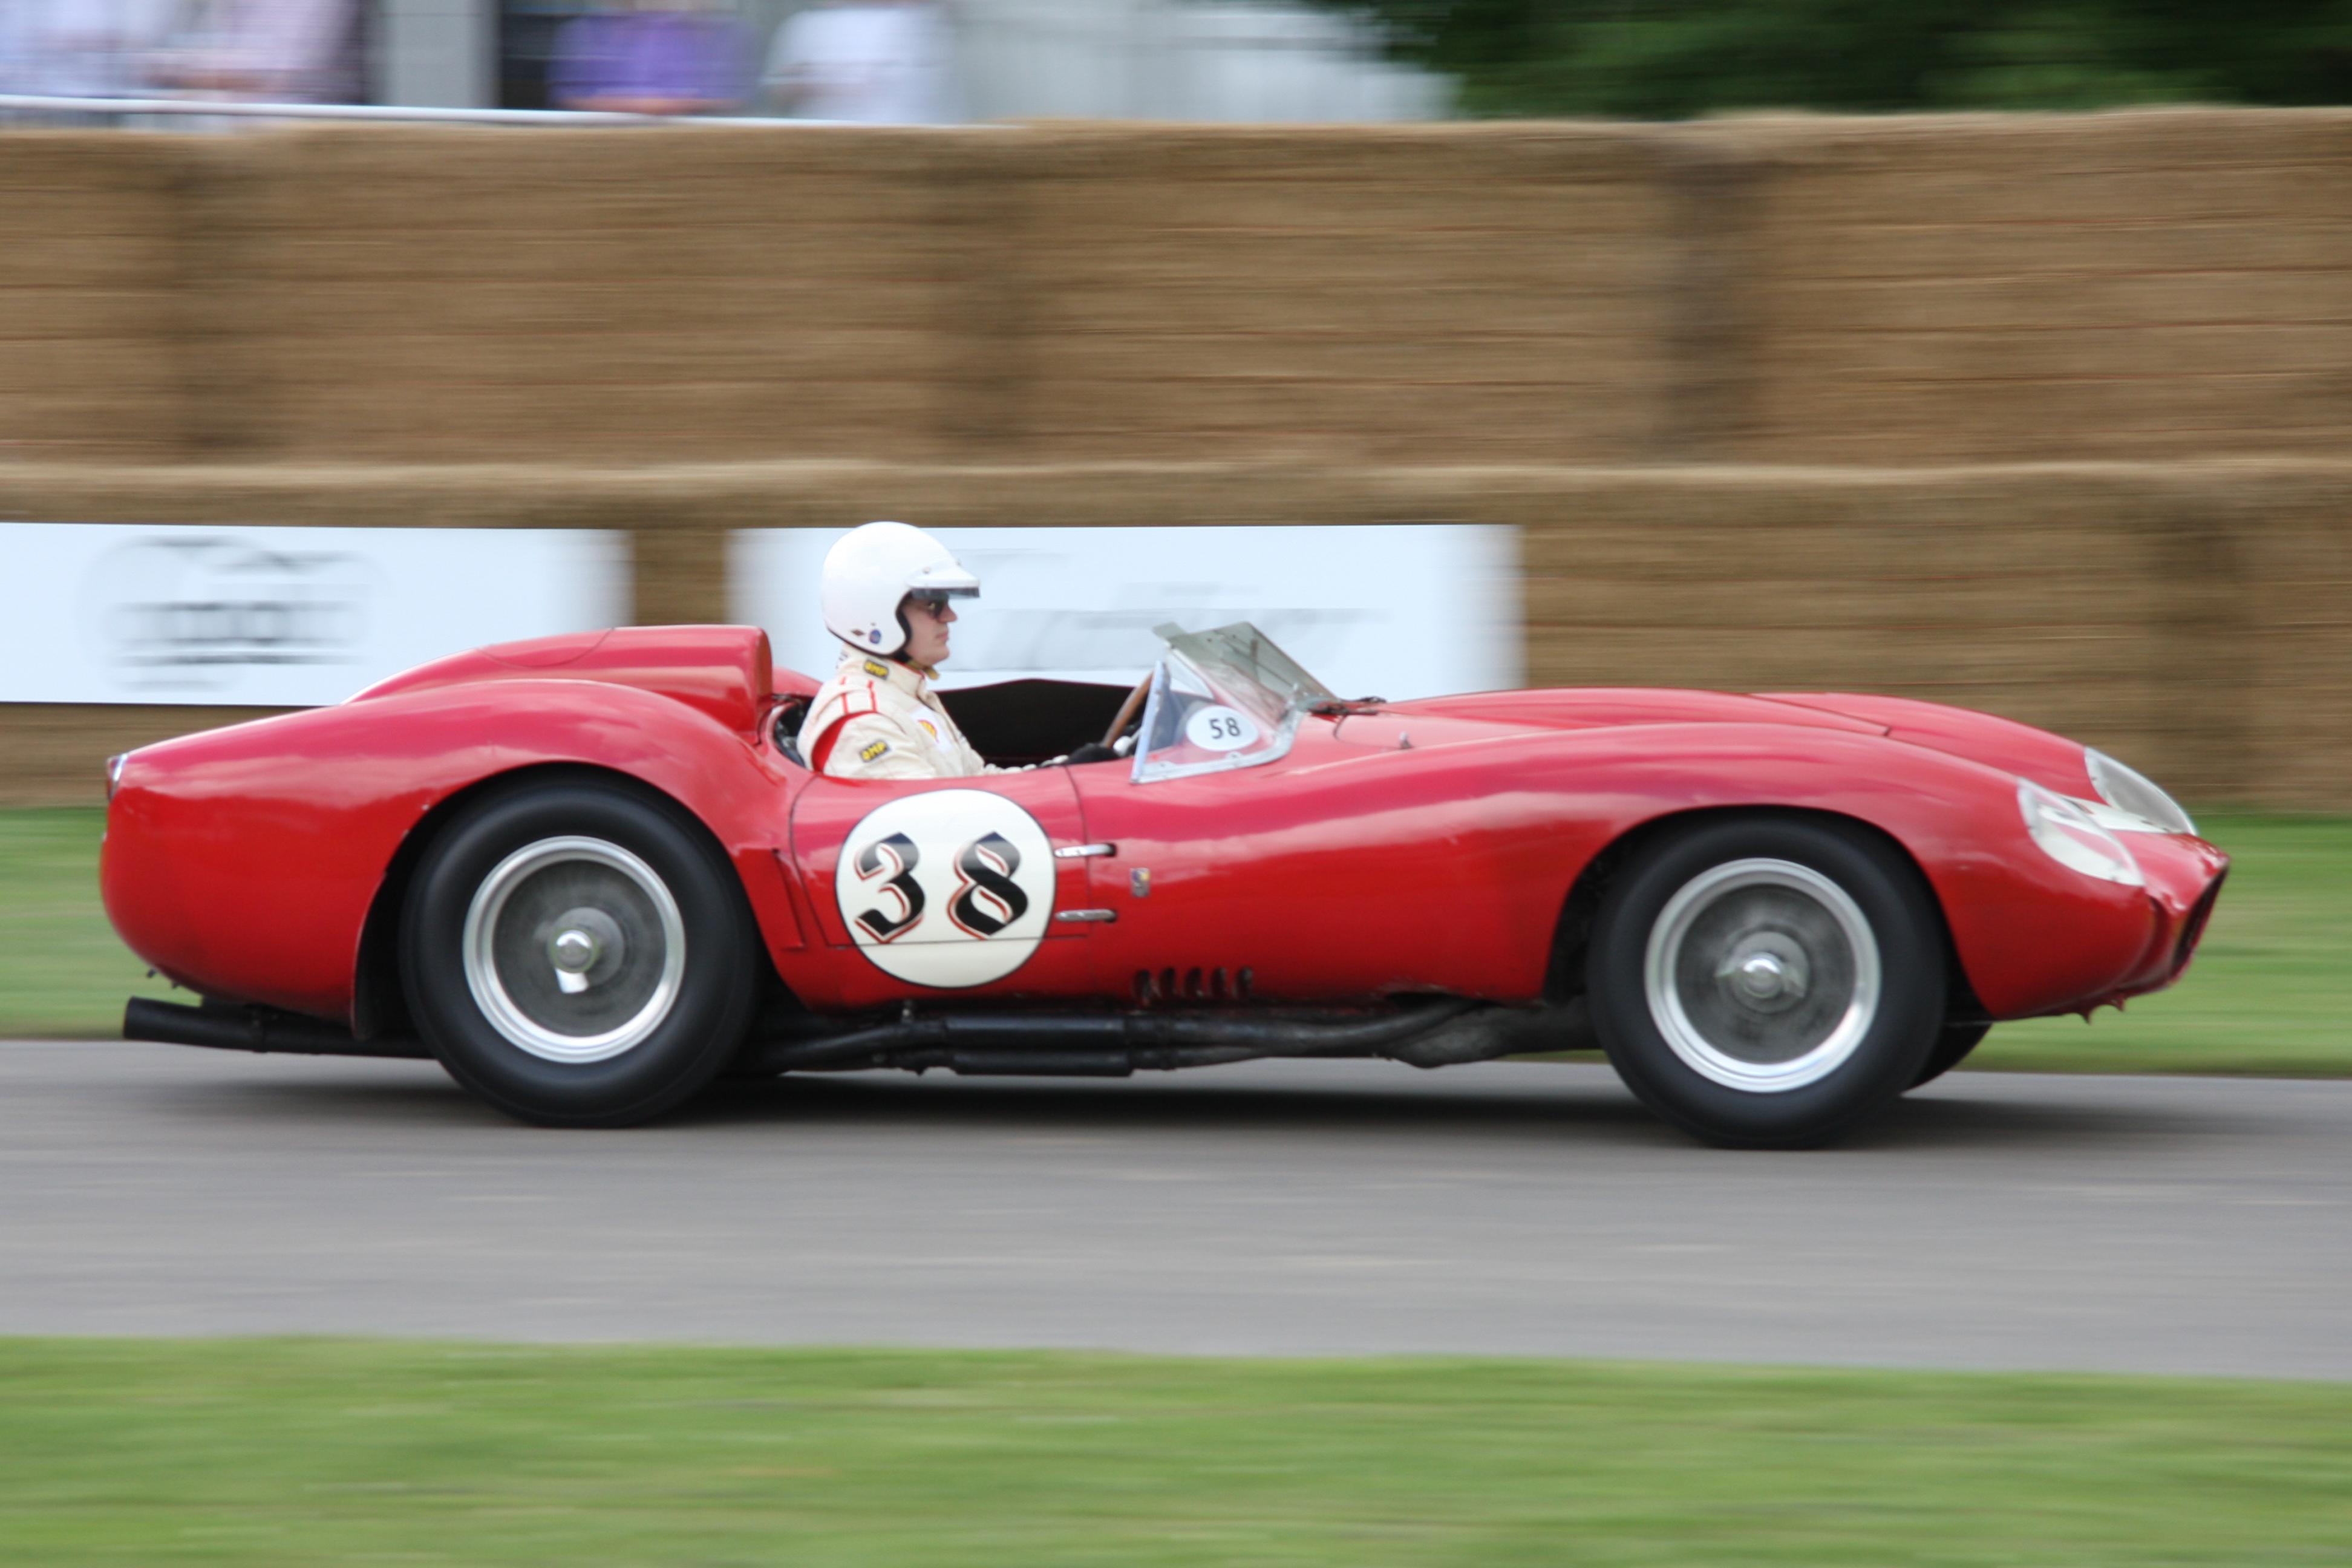 Ferrari_250_TR58_-_Flickr_-_exfordy.jpg